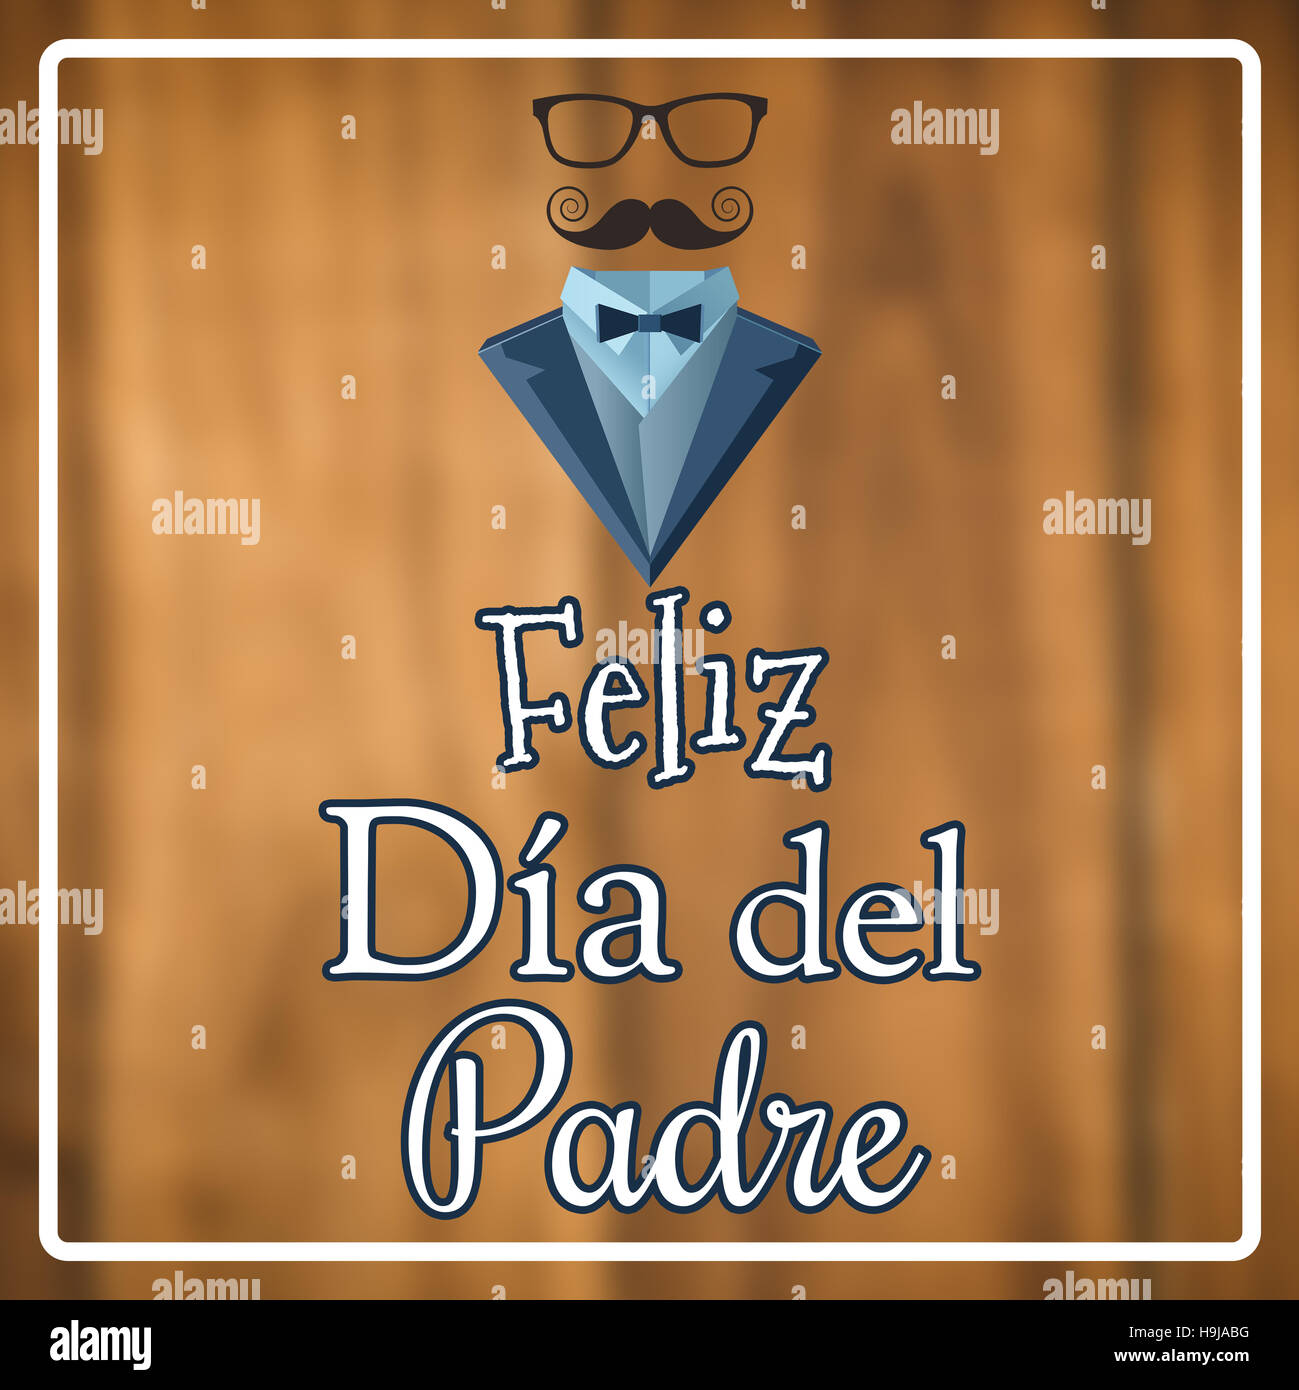 Imagen compuesta de Feliz Dia del padre Imagen De Stock